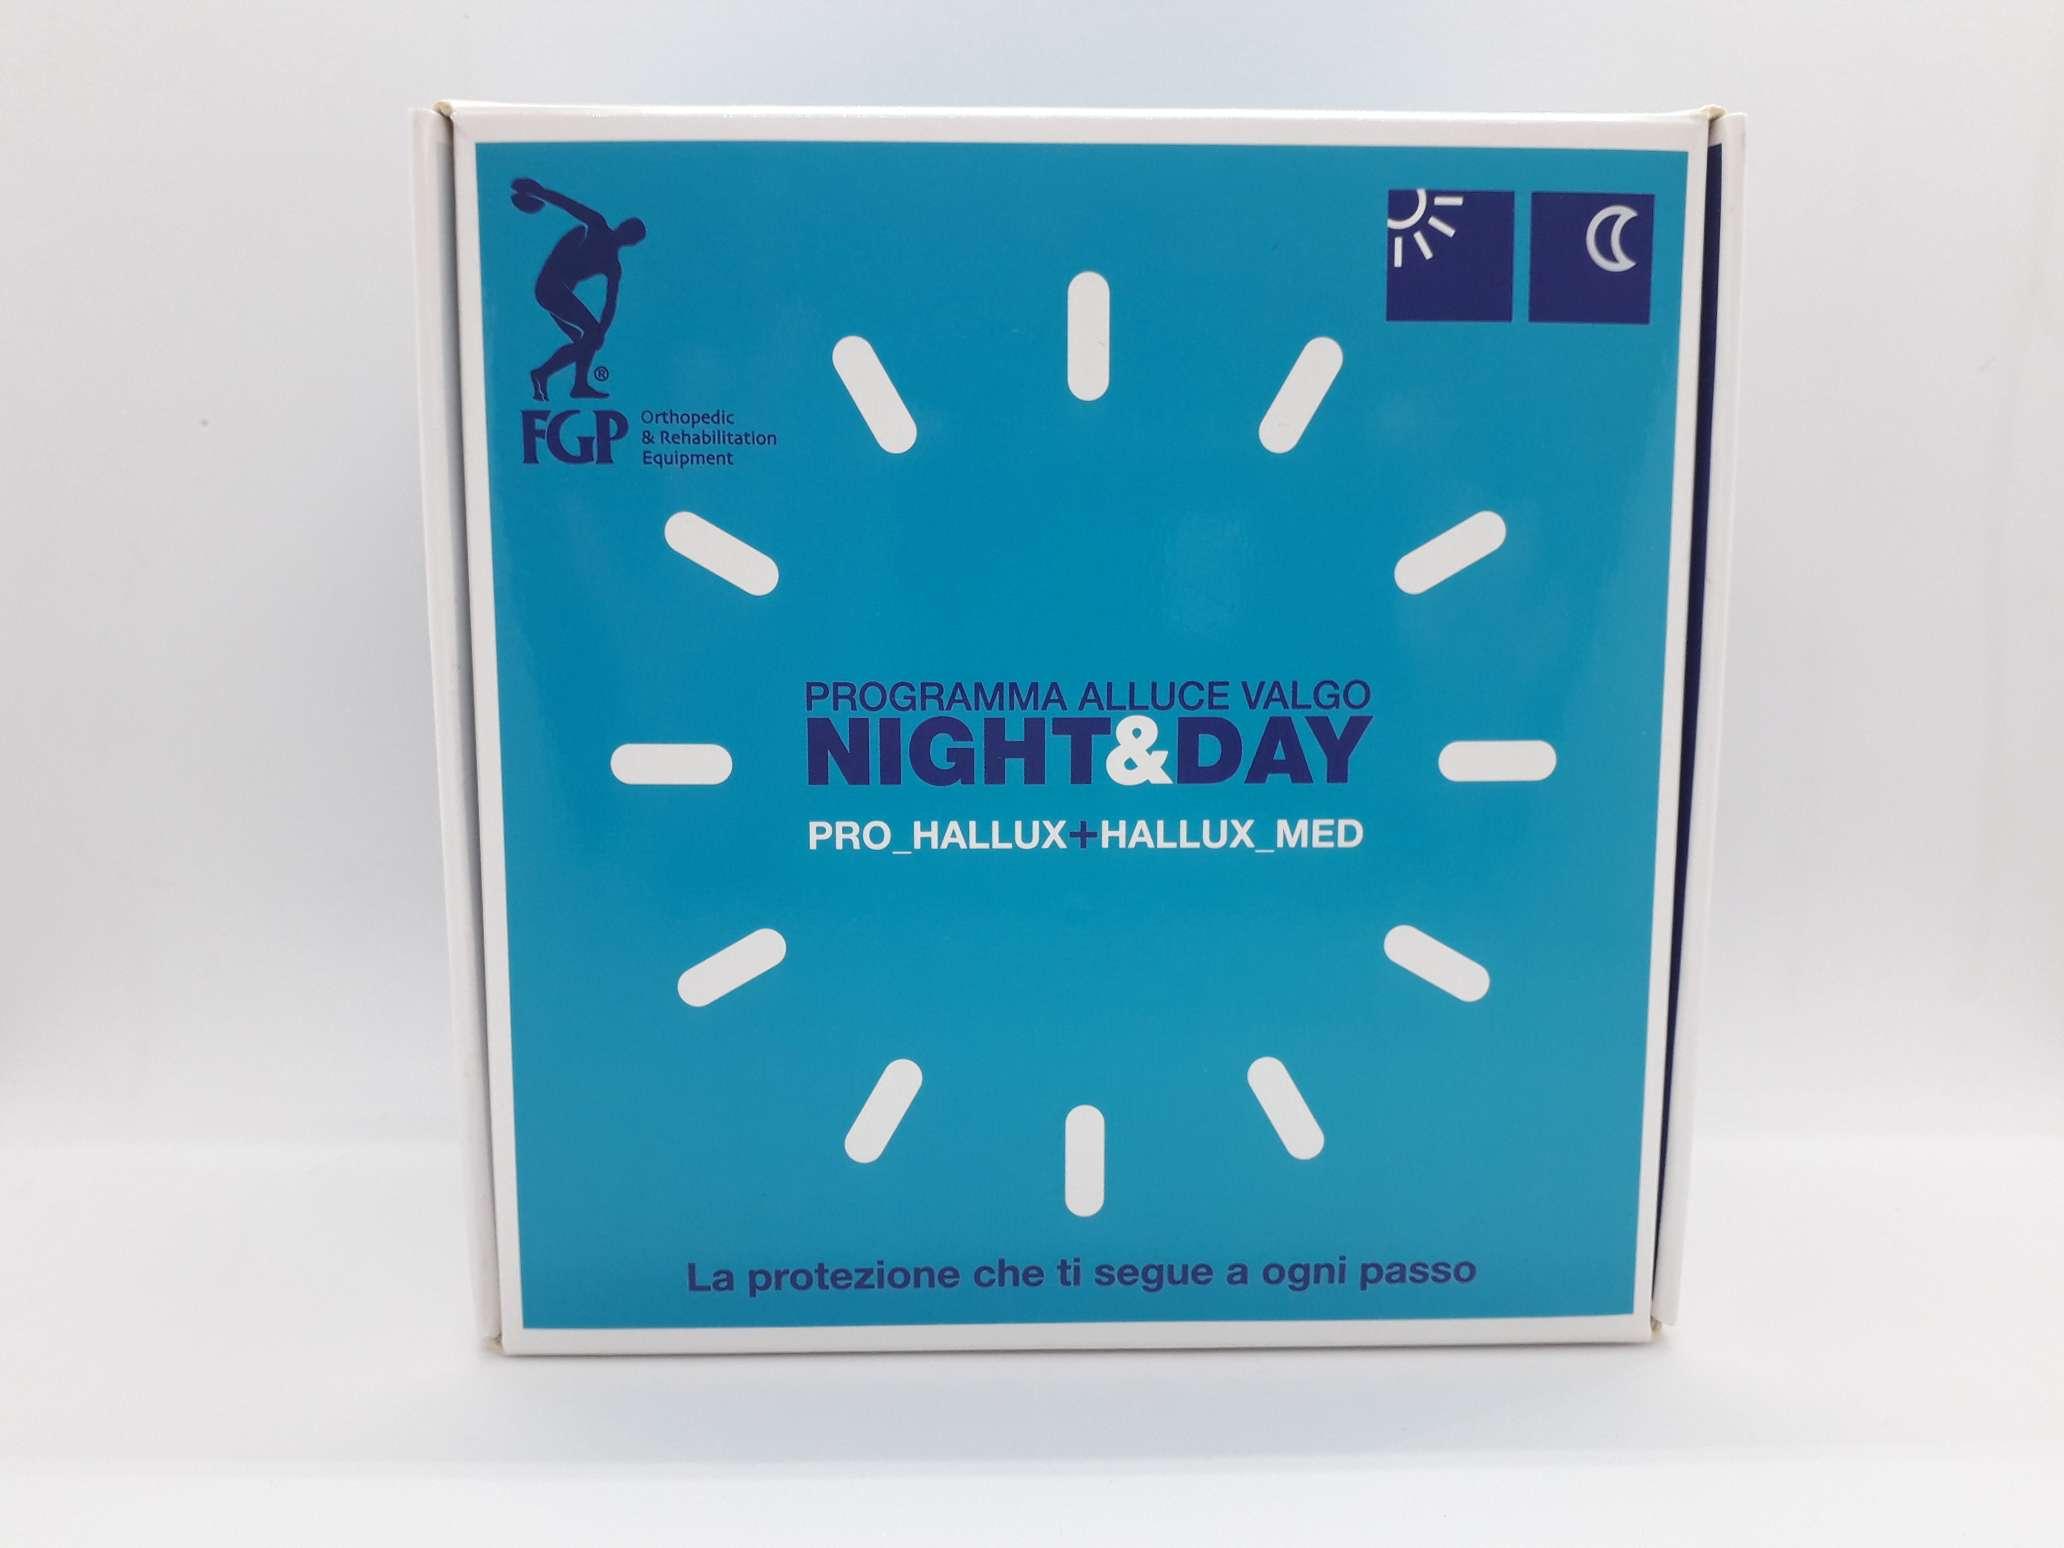 PROGRAMMA NIGHT&DAY ALLUCE VALGO SINISTRO SMALL - Farmaciaempatica.it